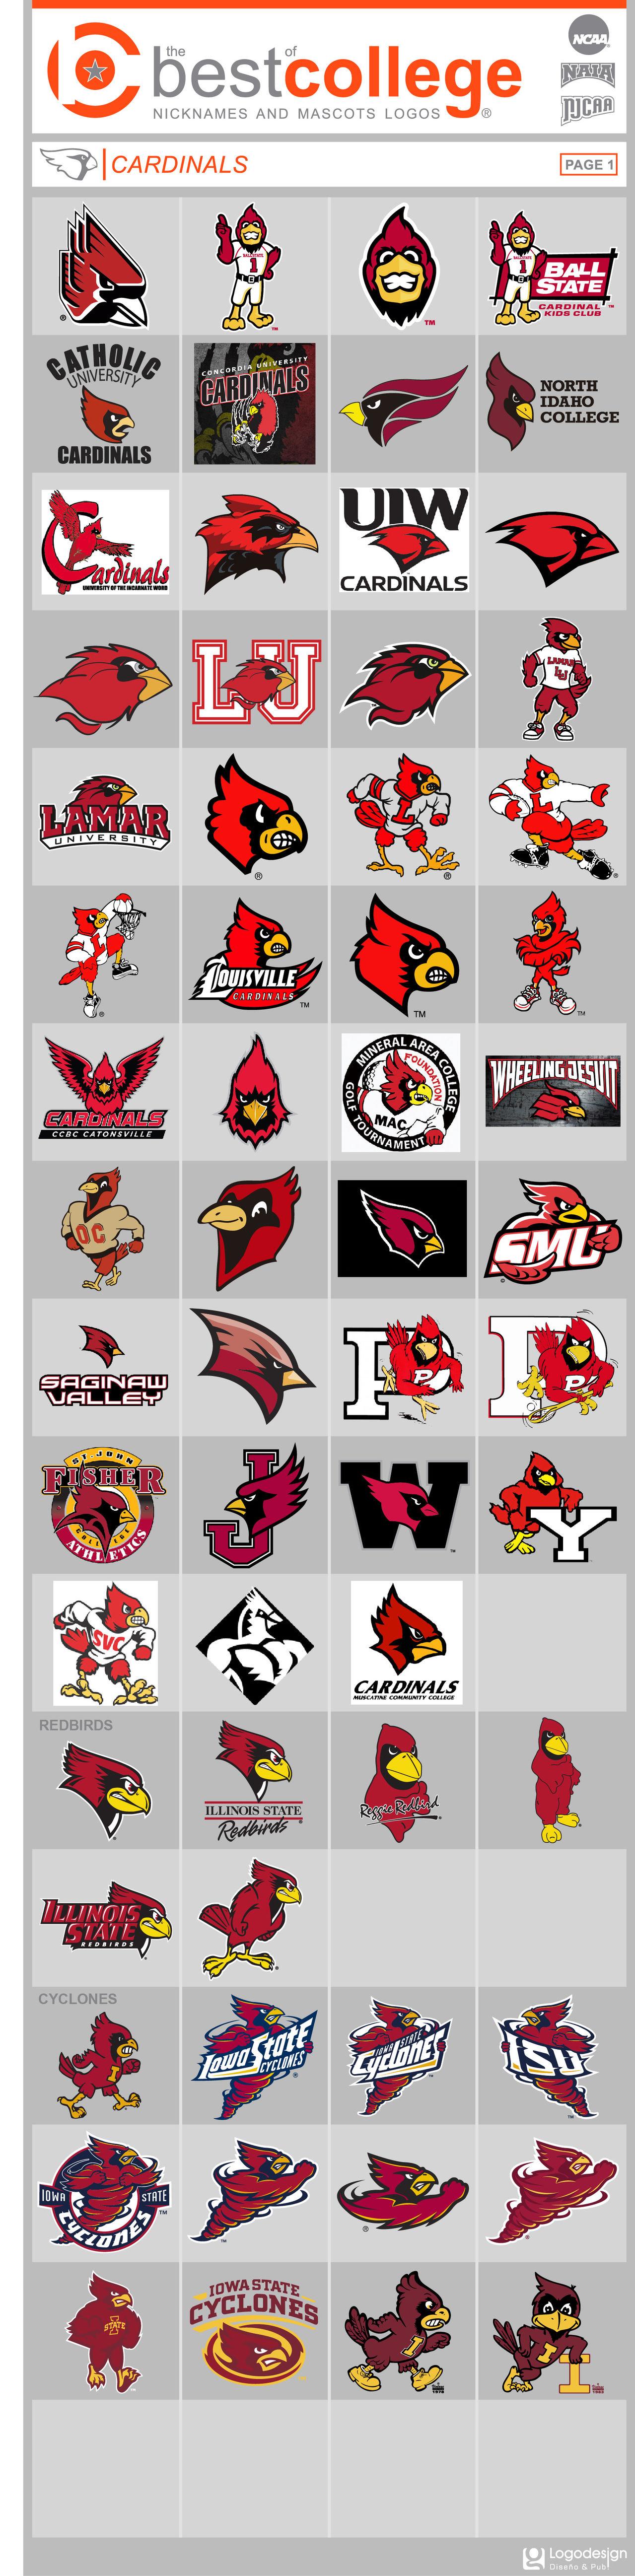 Cardinals.jpg | Sports logos | Pinterest